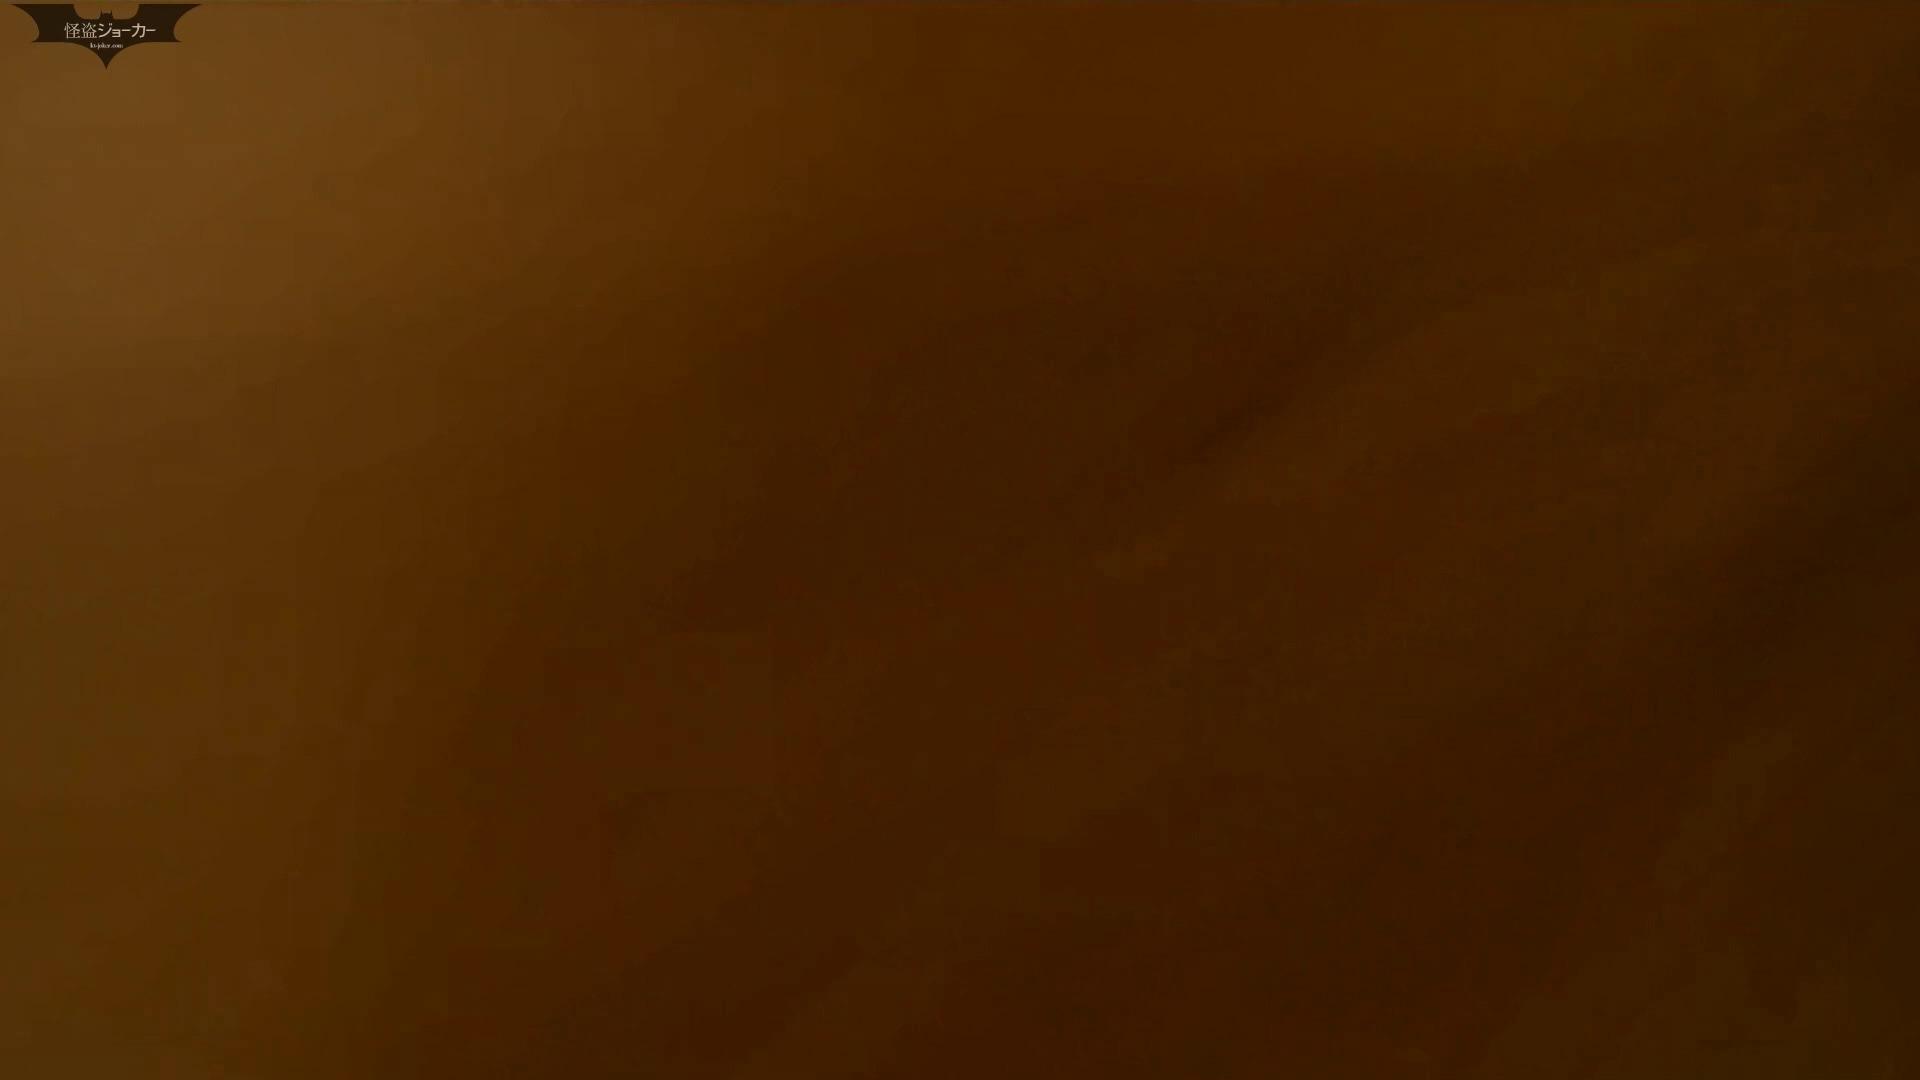 阿国ちゃんの和式洋式七変化 Vol.25 ん?突起物が・・・。 OL | 洗面所着替え  64連発 4